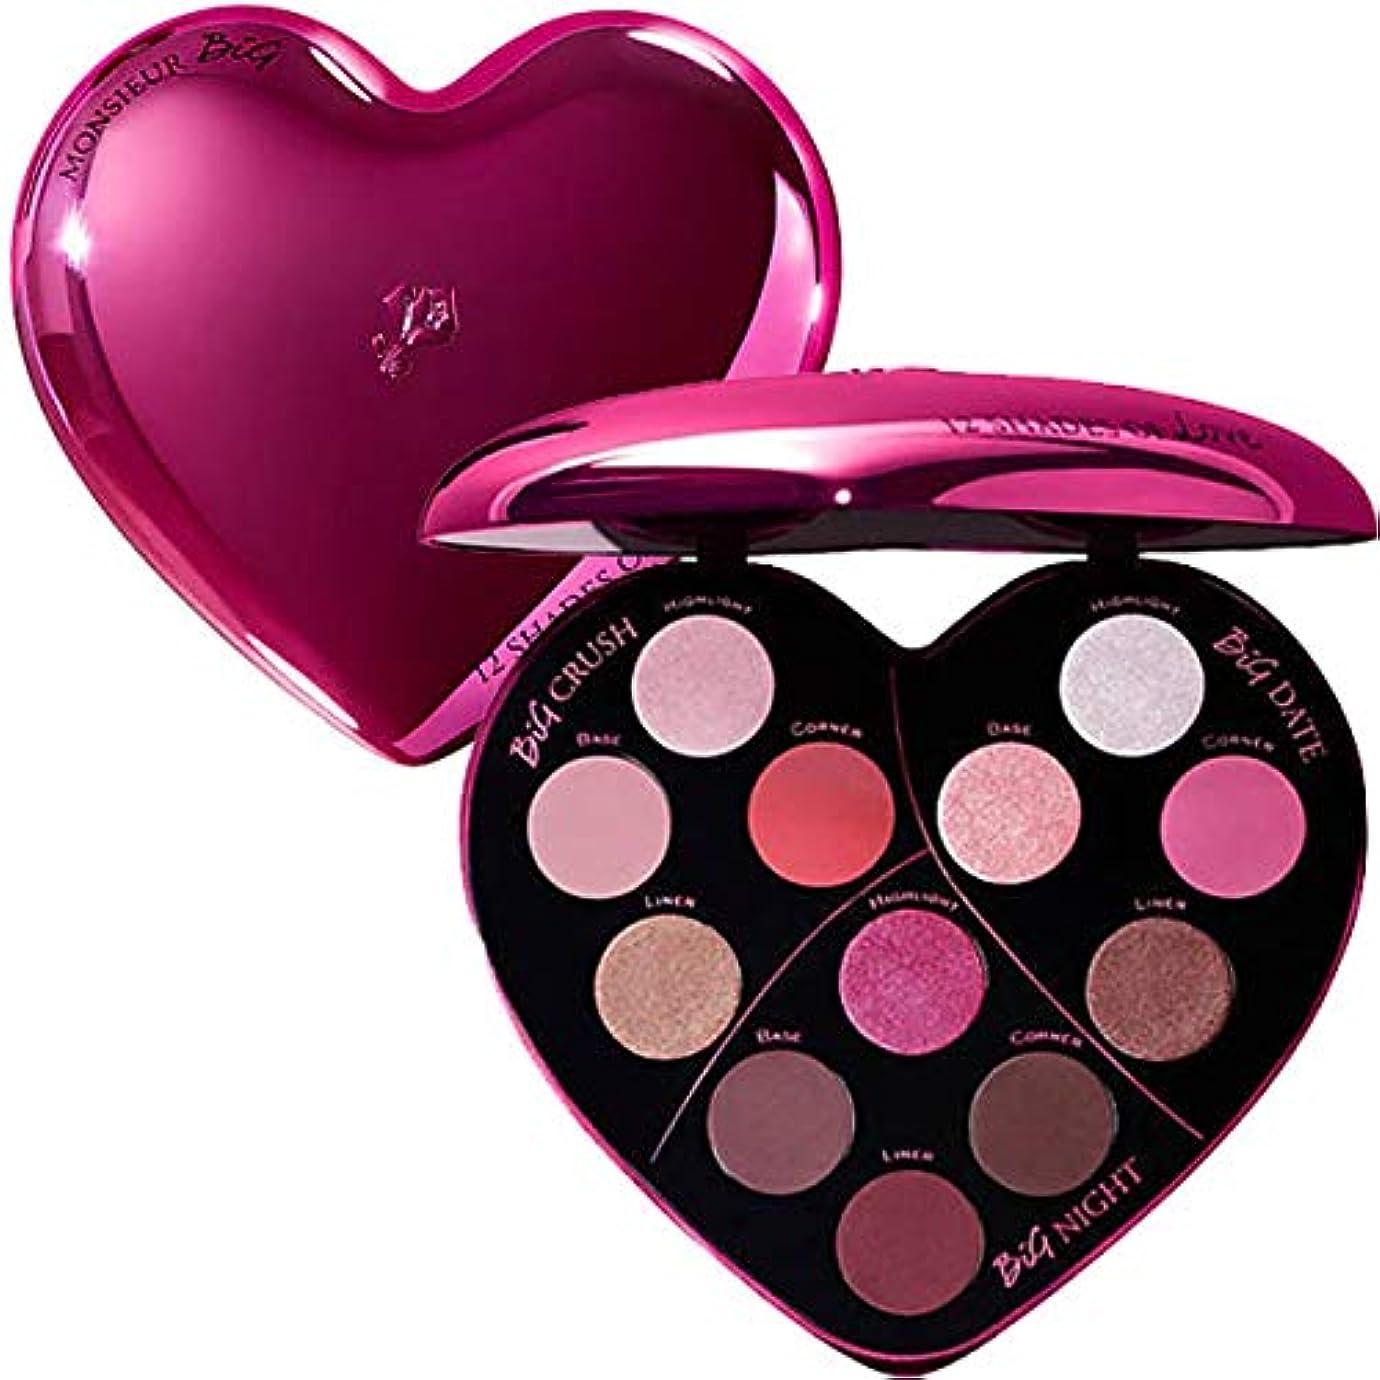 スロープ仮説好きであるランコム(LANCOME), 限定版 limited-edition Monsieur Big Heart-Shaped Eyeshadow Palette [海外直送品] [並行輸入品]